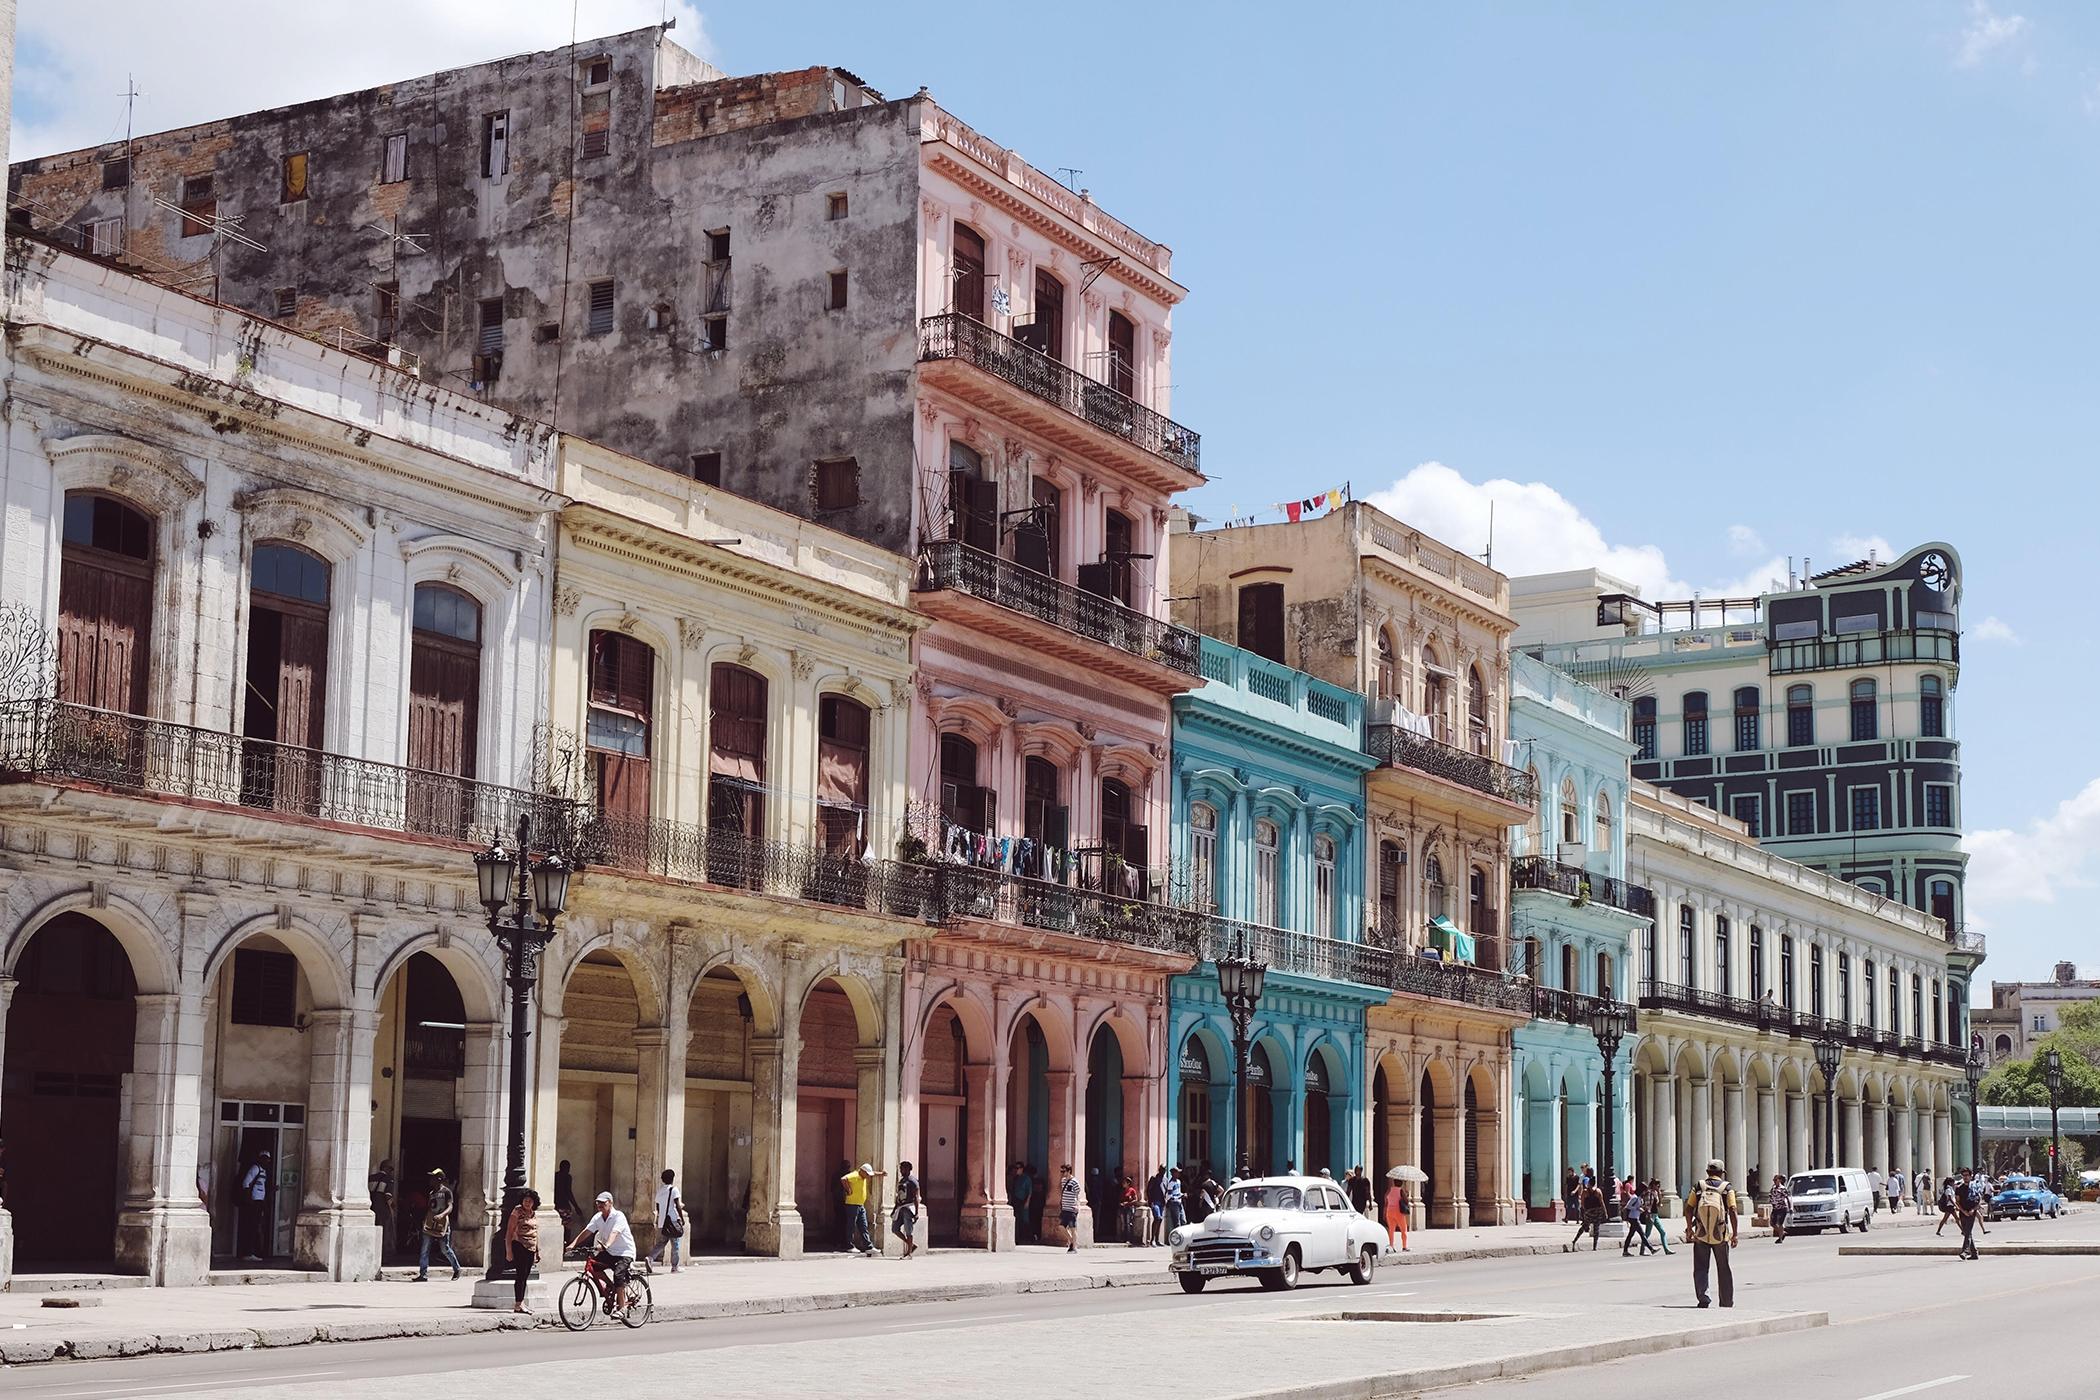 Cuba tout ce qu 39 il faut savoir avant de d coller awwway - Faut il tondre avant de scarifier ...